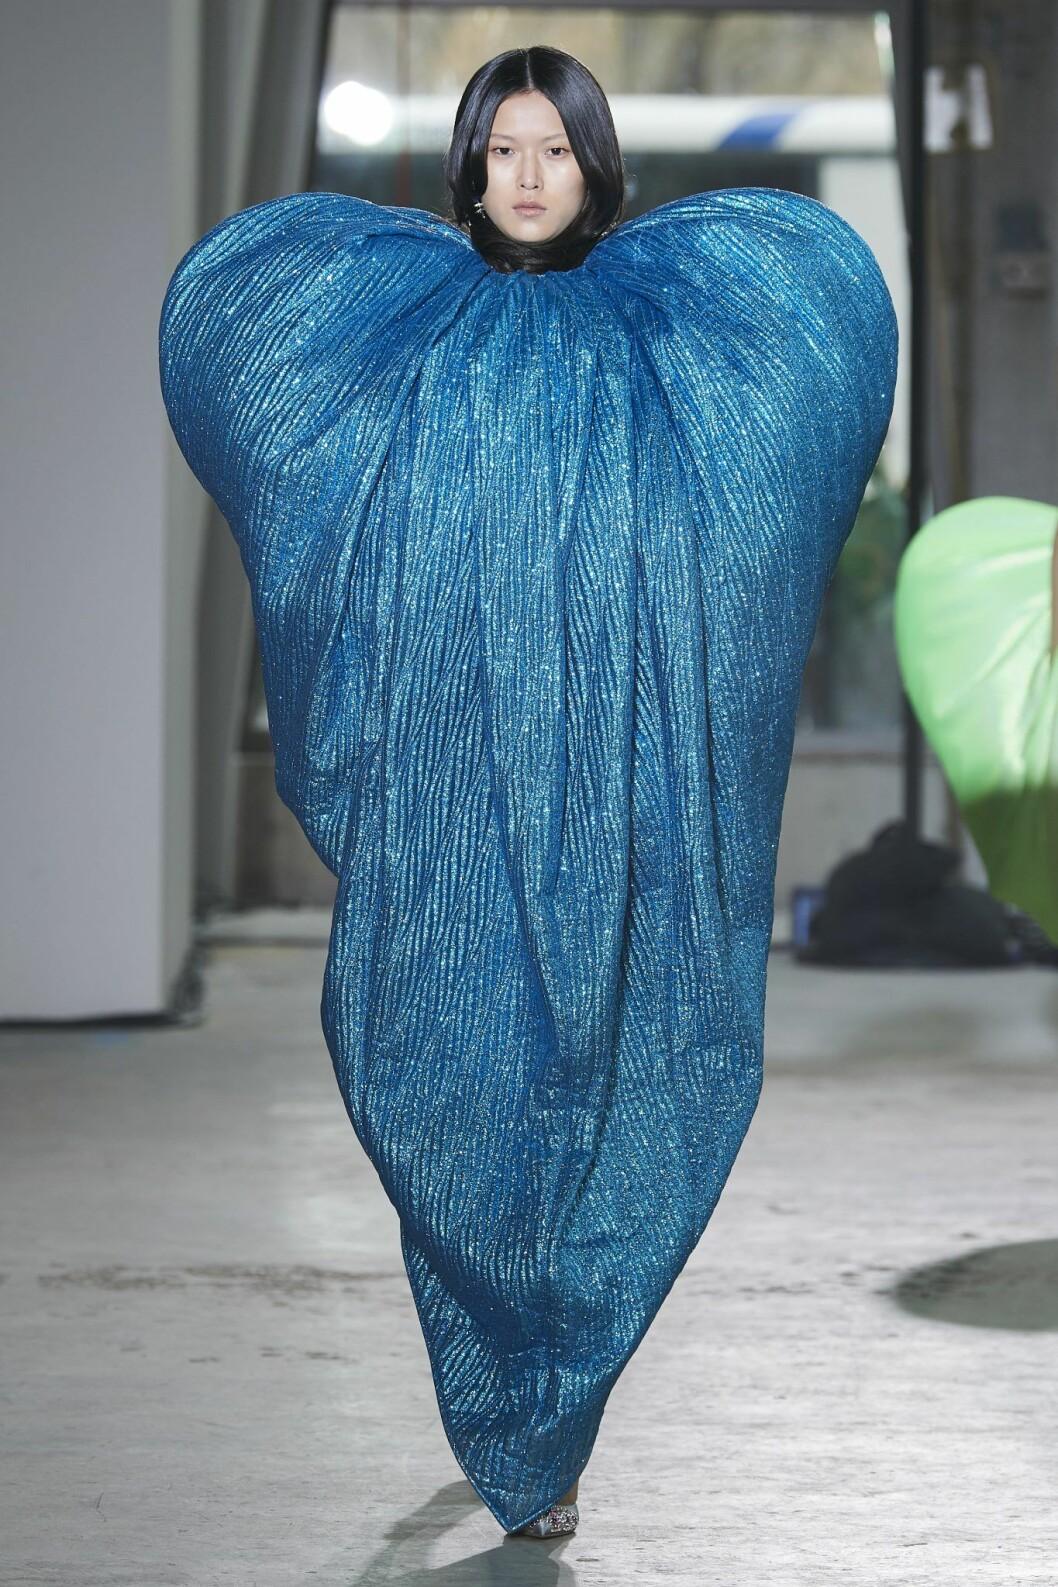 Hjärtformad klänning hösten 2020